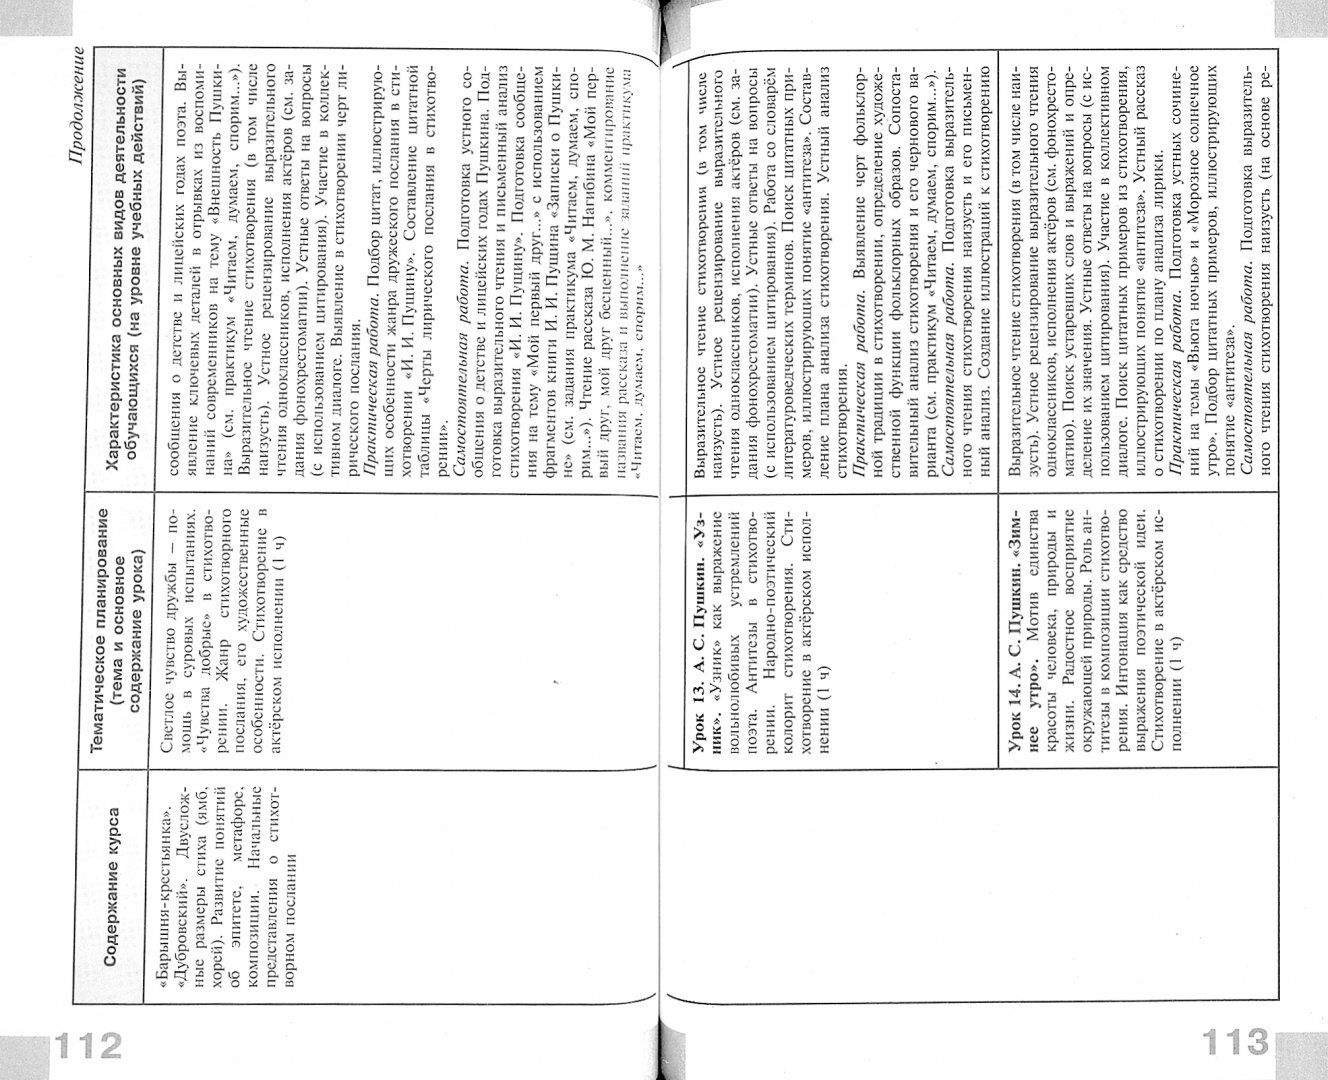 Иллюстрация 1 из 12 для Литература. 5-9 класс. Примерные рабочие программы. Предметная линия под ред. В. Я. Коровиной. ФГОС - Коровина, Коровин, Журавлев | Лабиринт - книги. Источник: Лабиринт